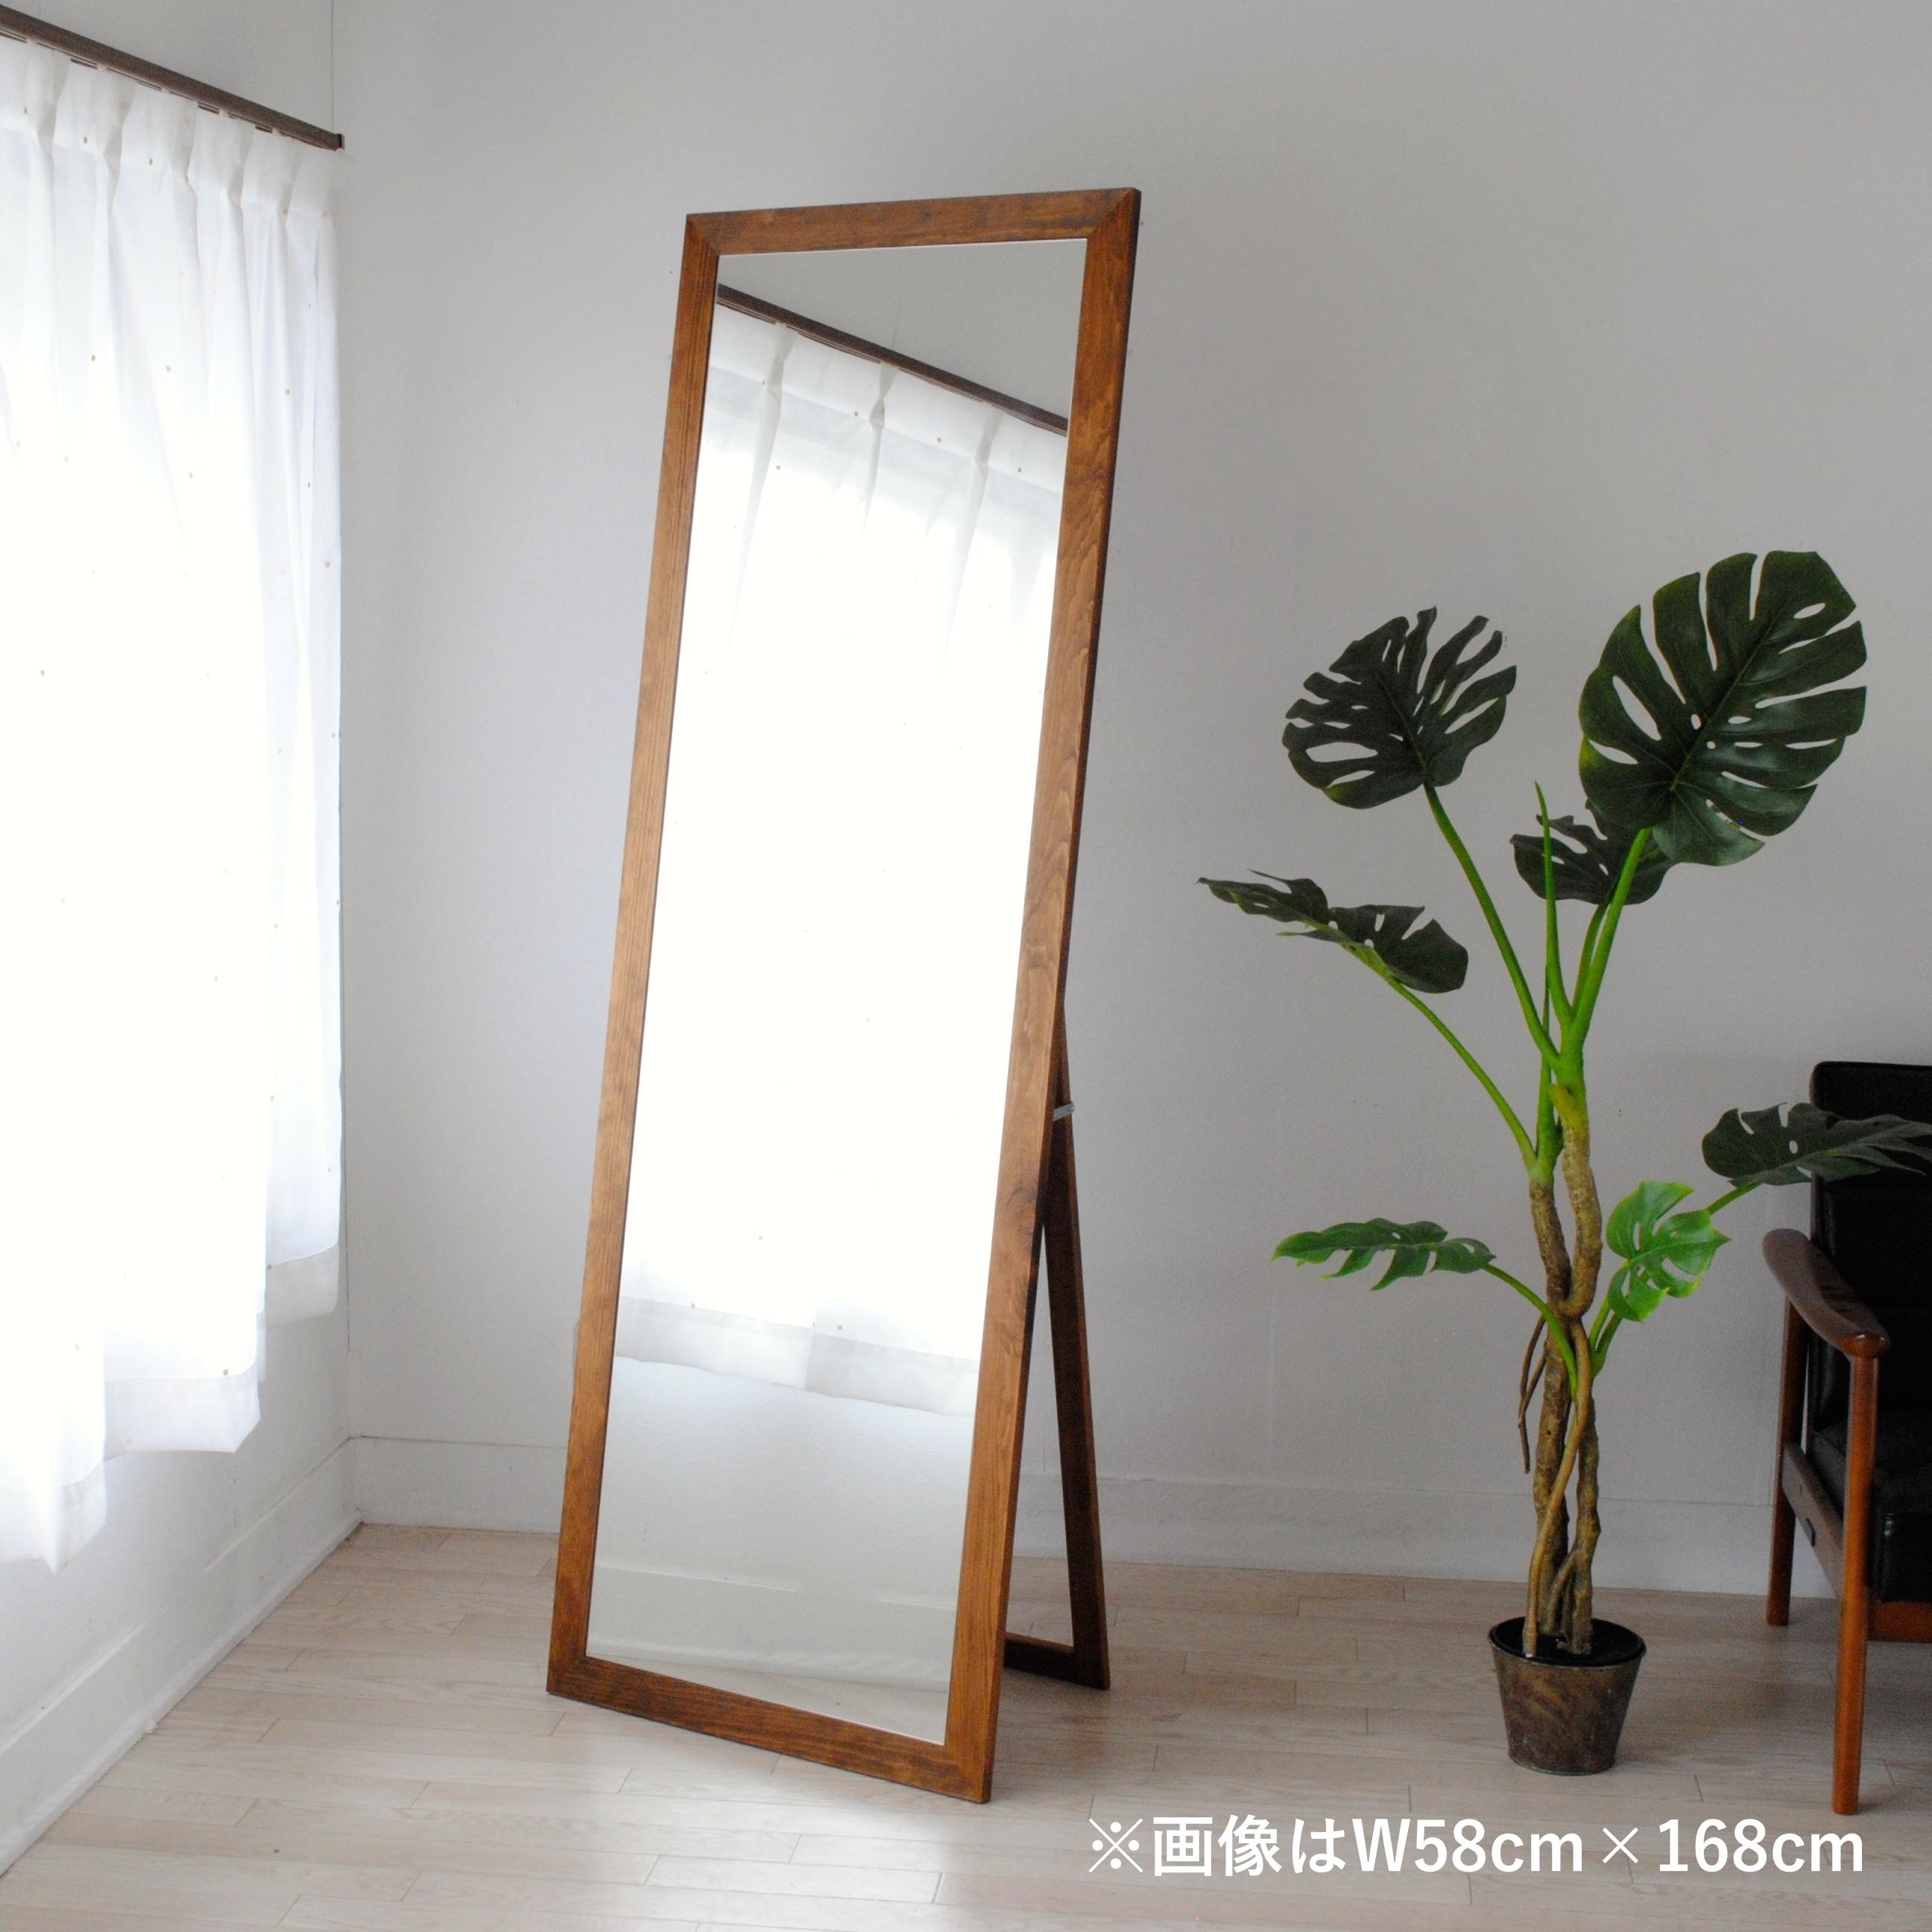 レオン スタンドミラー 全身 鏡 姿見 天然木 日本製 W580×1680